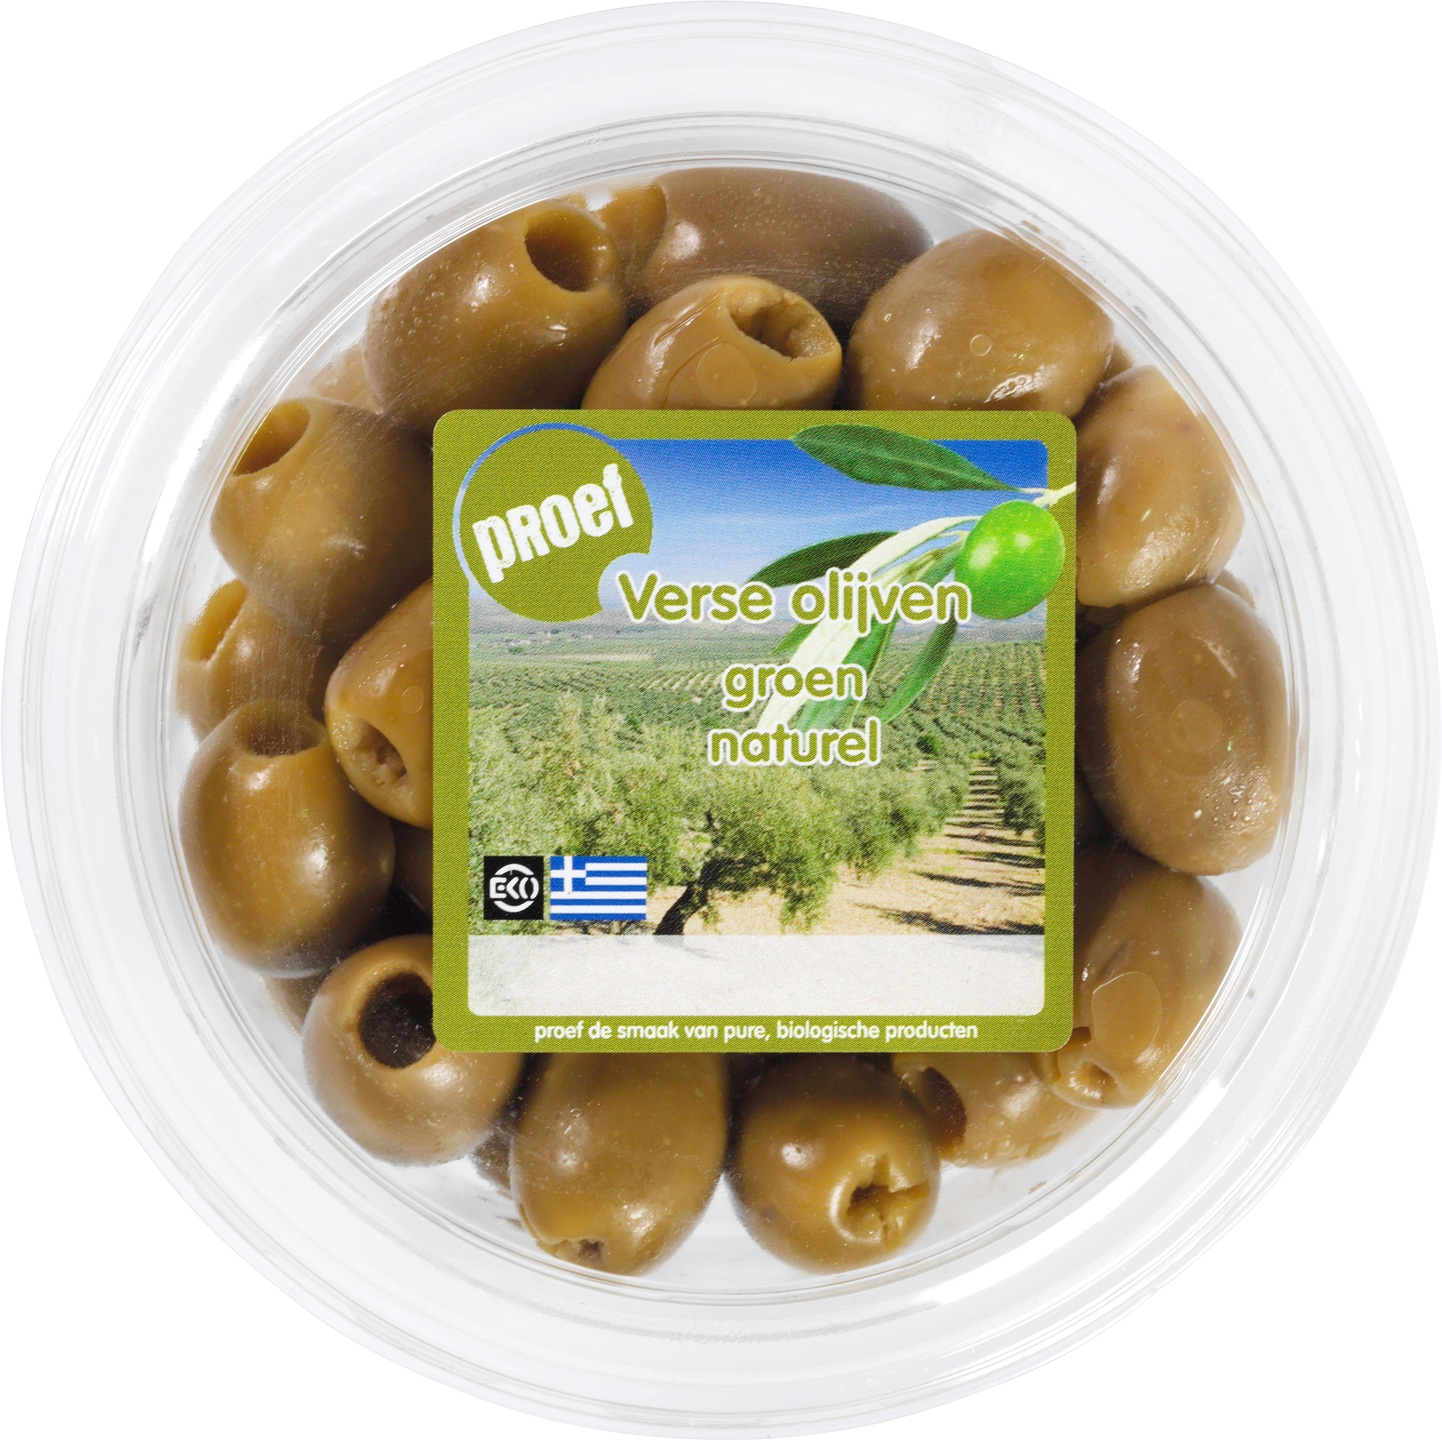 Biologische Proef Verse groene olijven pitloos 120 g